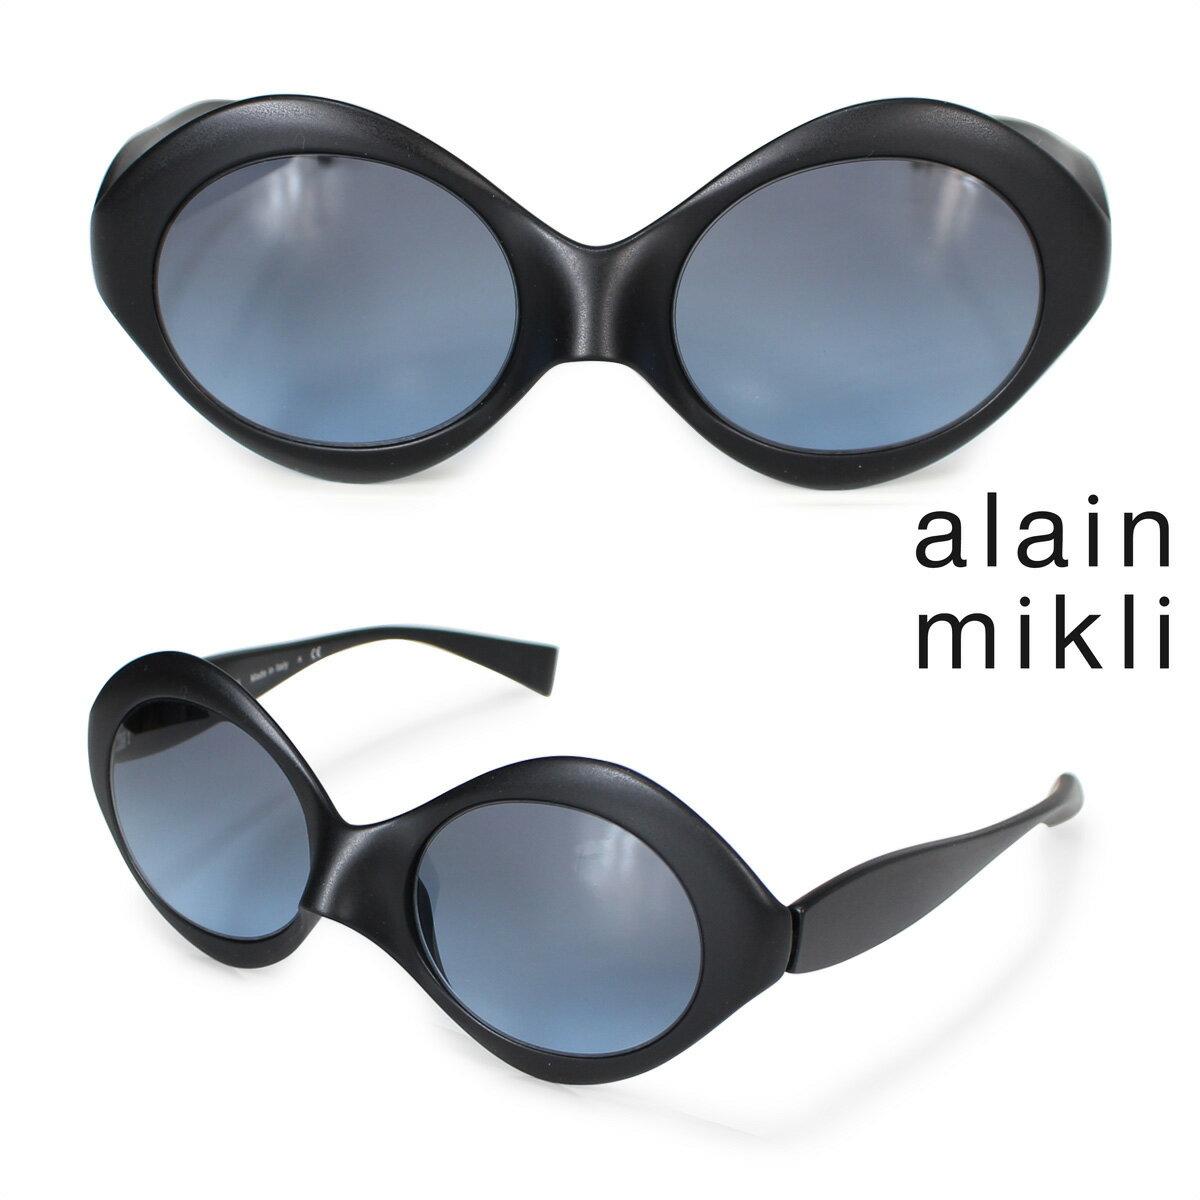 アランミクリ サングラス メガネ alain mikli メガネフレーム 眼鏡 フランス製 メンズ レディース